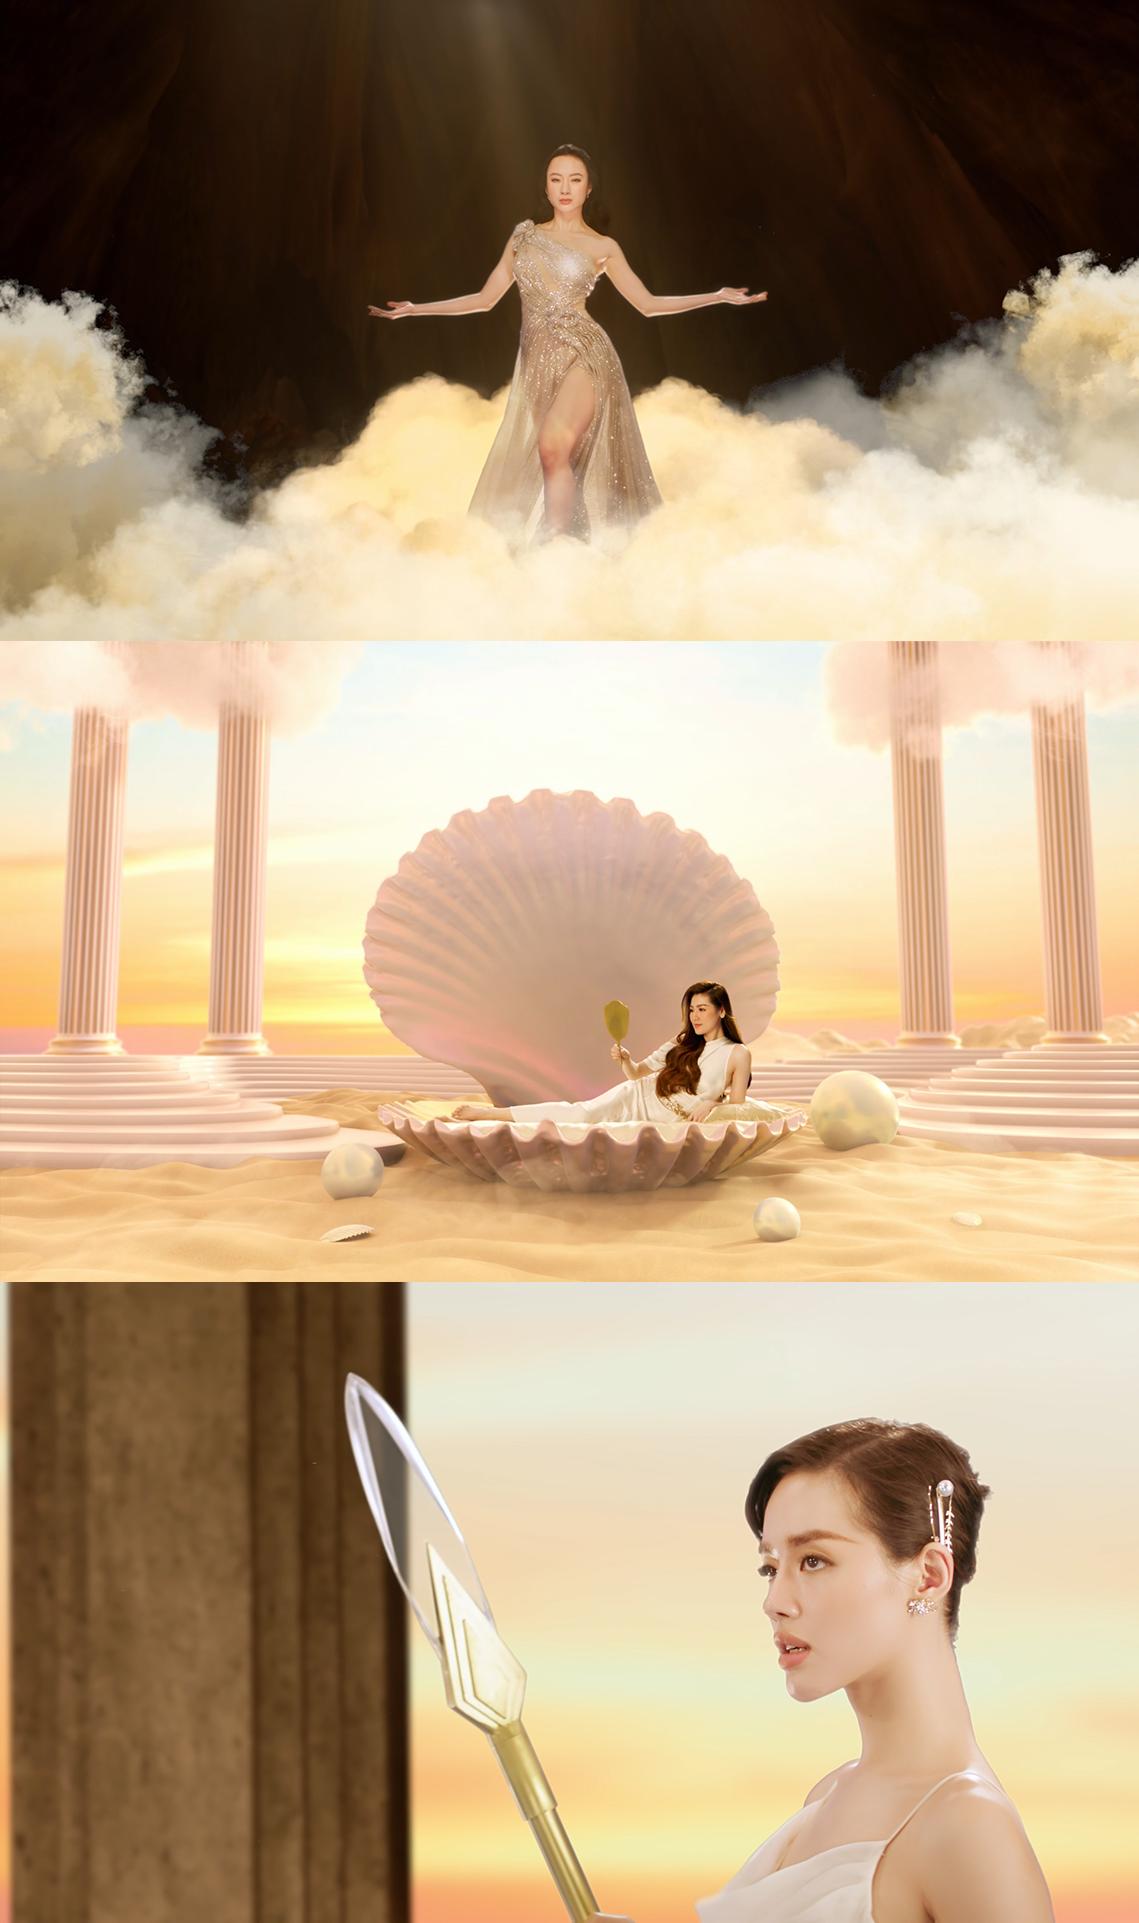 Hình ảnh 3 nữ thần Lamercy đại diện cho sự tự tin - nhan sắc - sức mạnh.